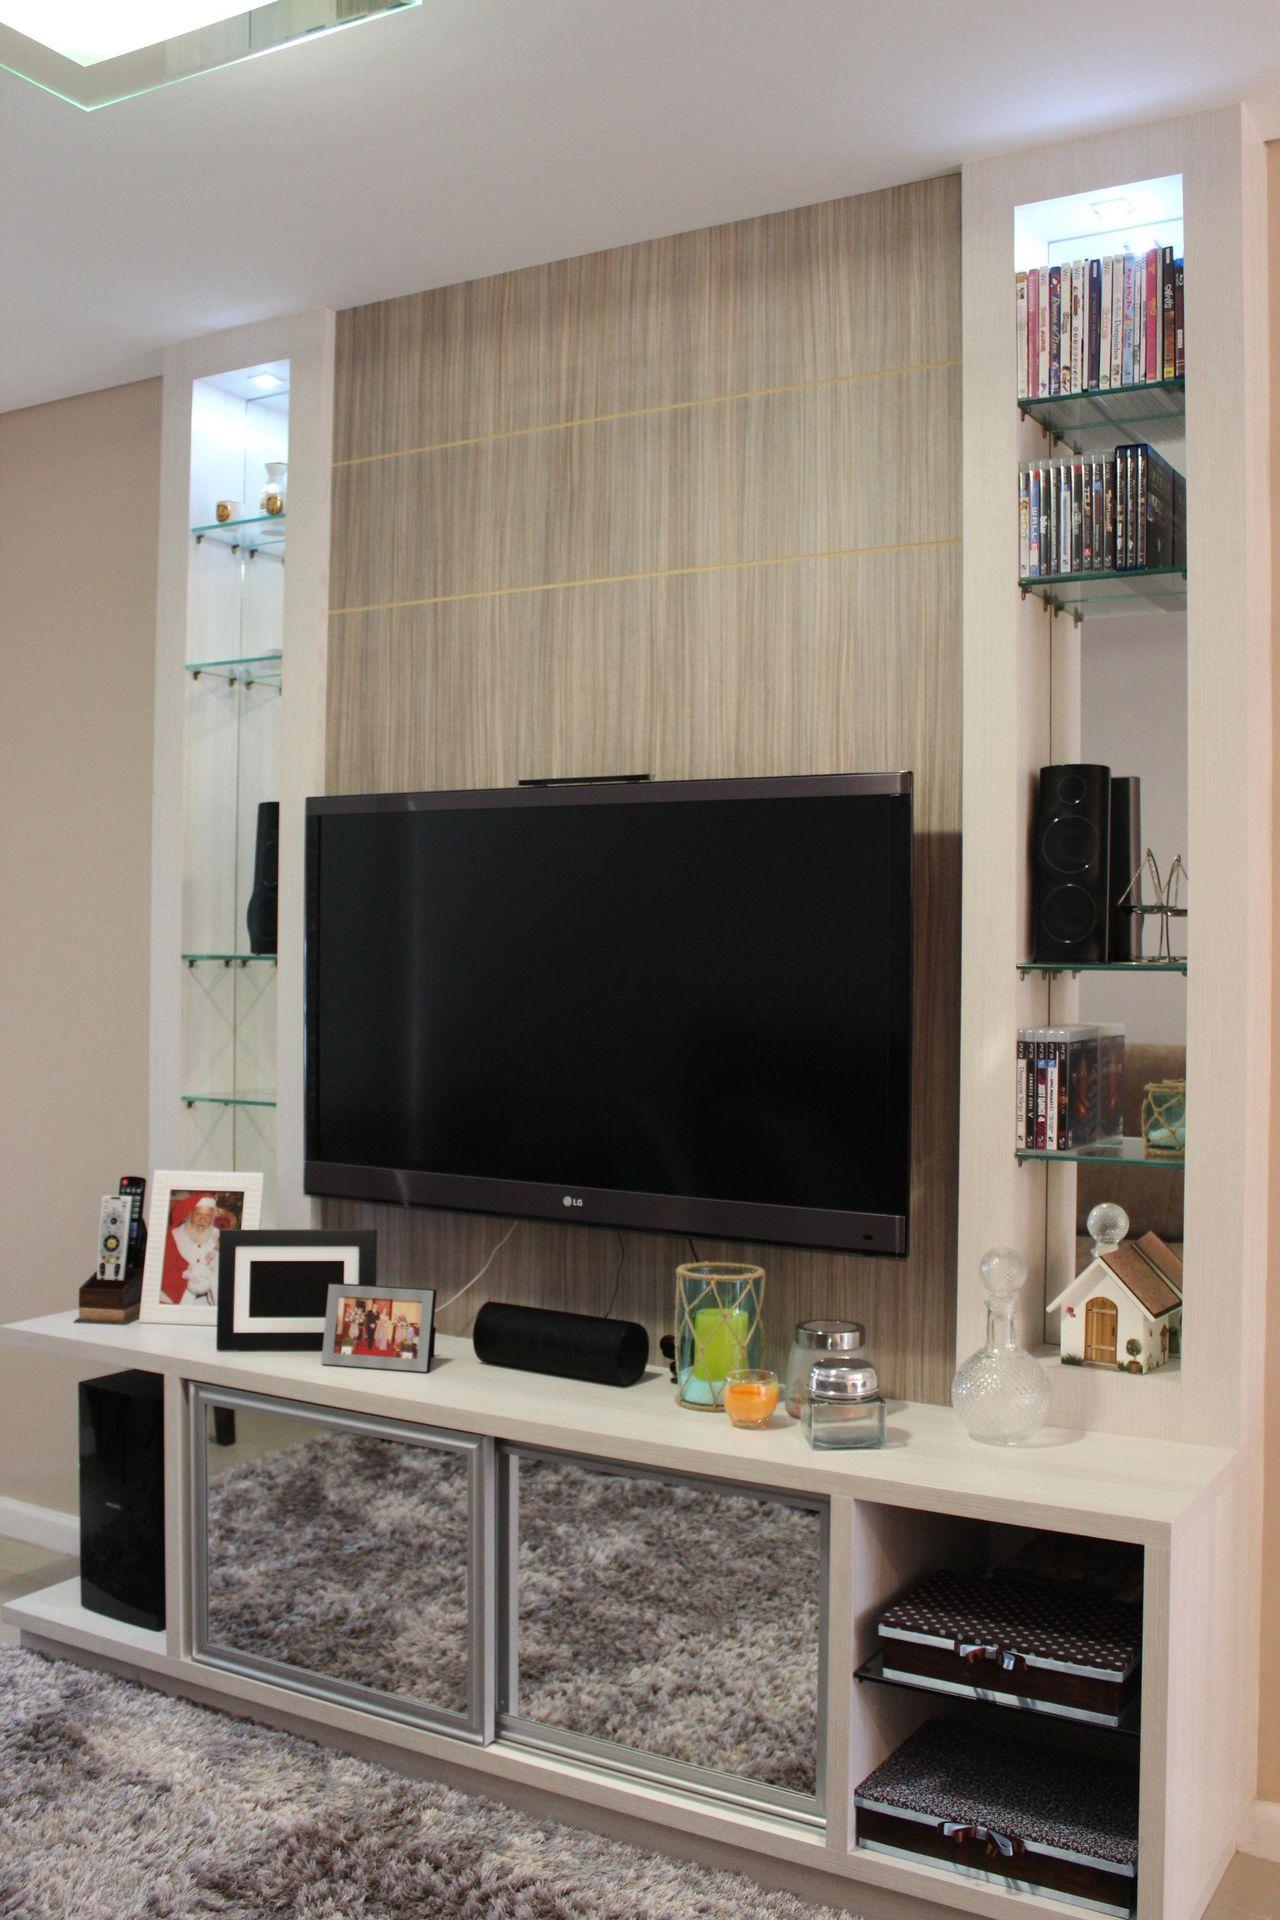 Sala Com Painel De Tv E Estante Com Acess Rios De Daarna  -> Imagem De Estante Para Sala